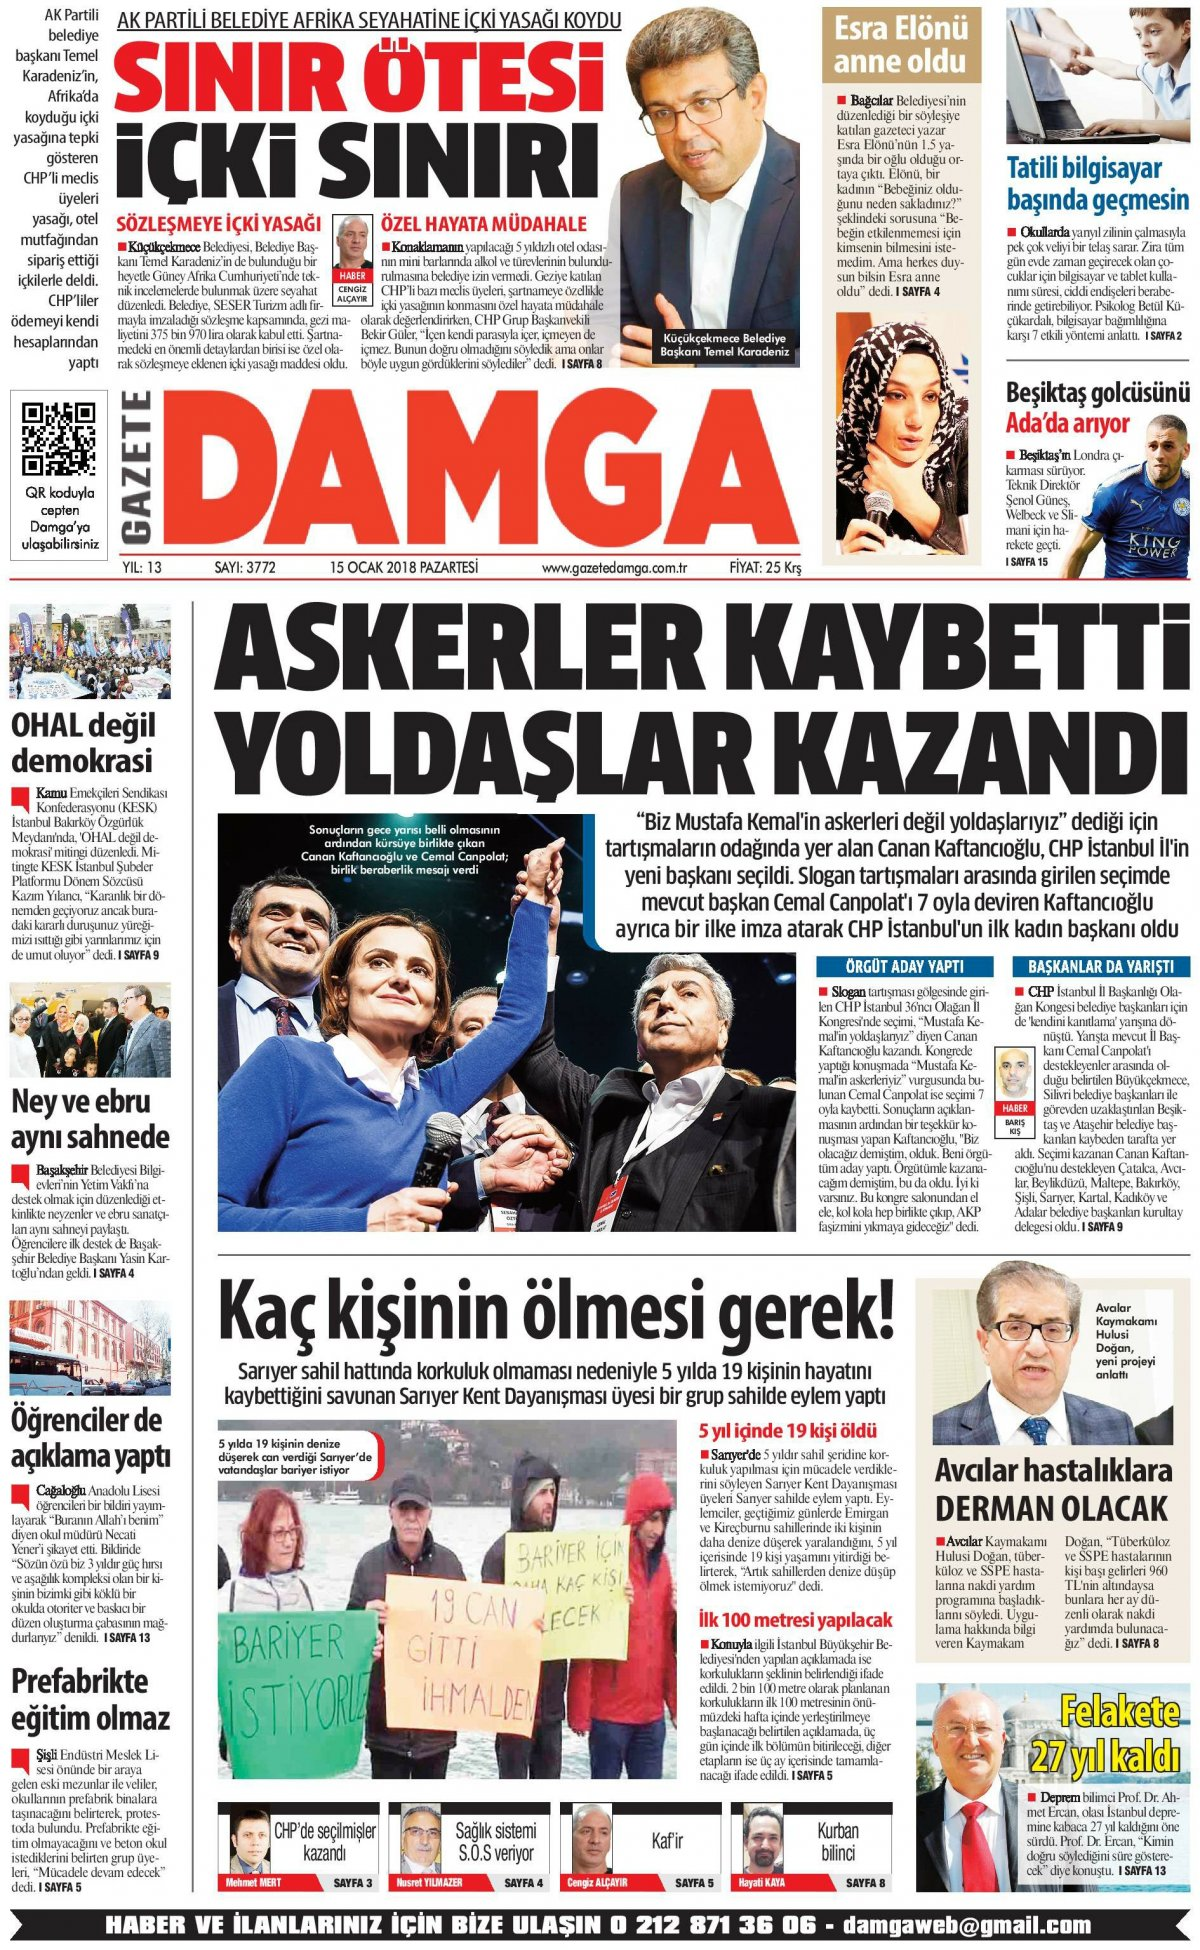 Gazete Damga - 15.01.2018 Manşeti